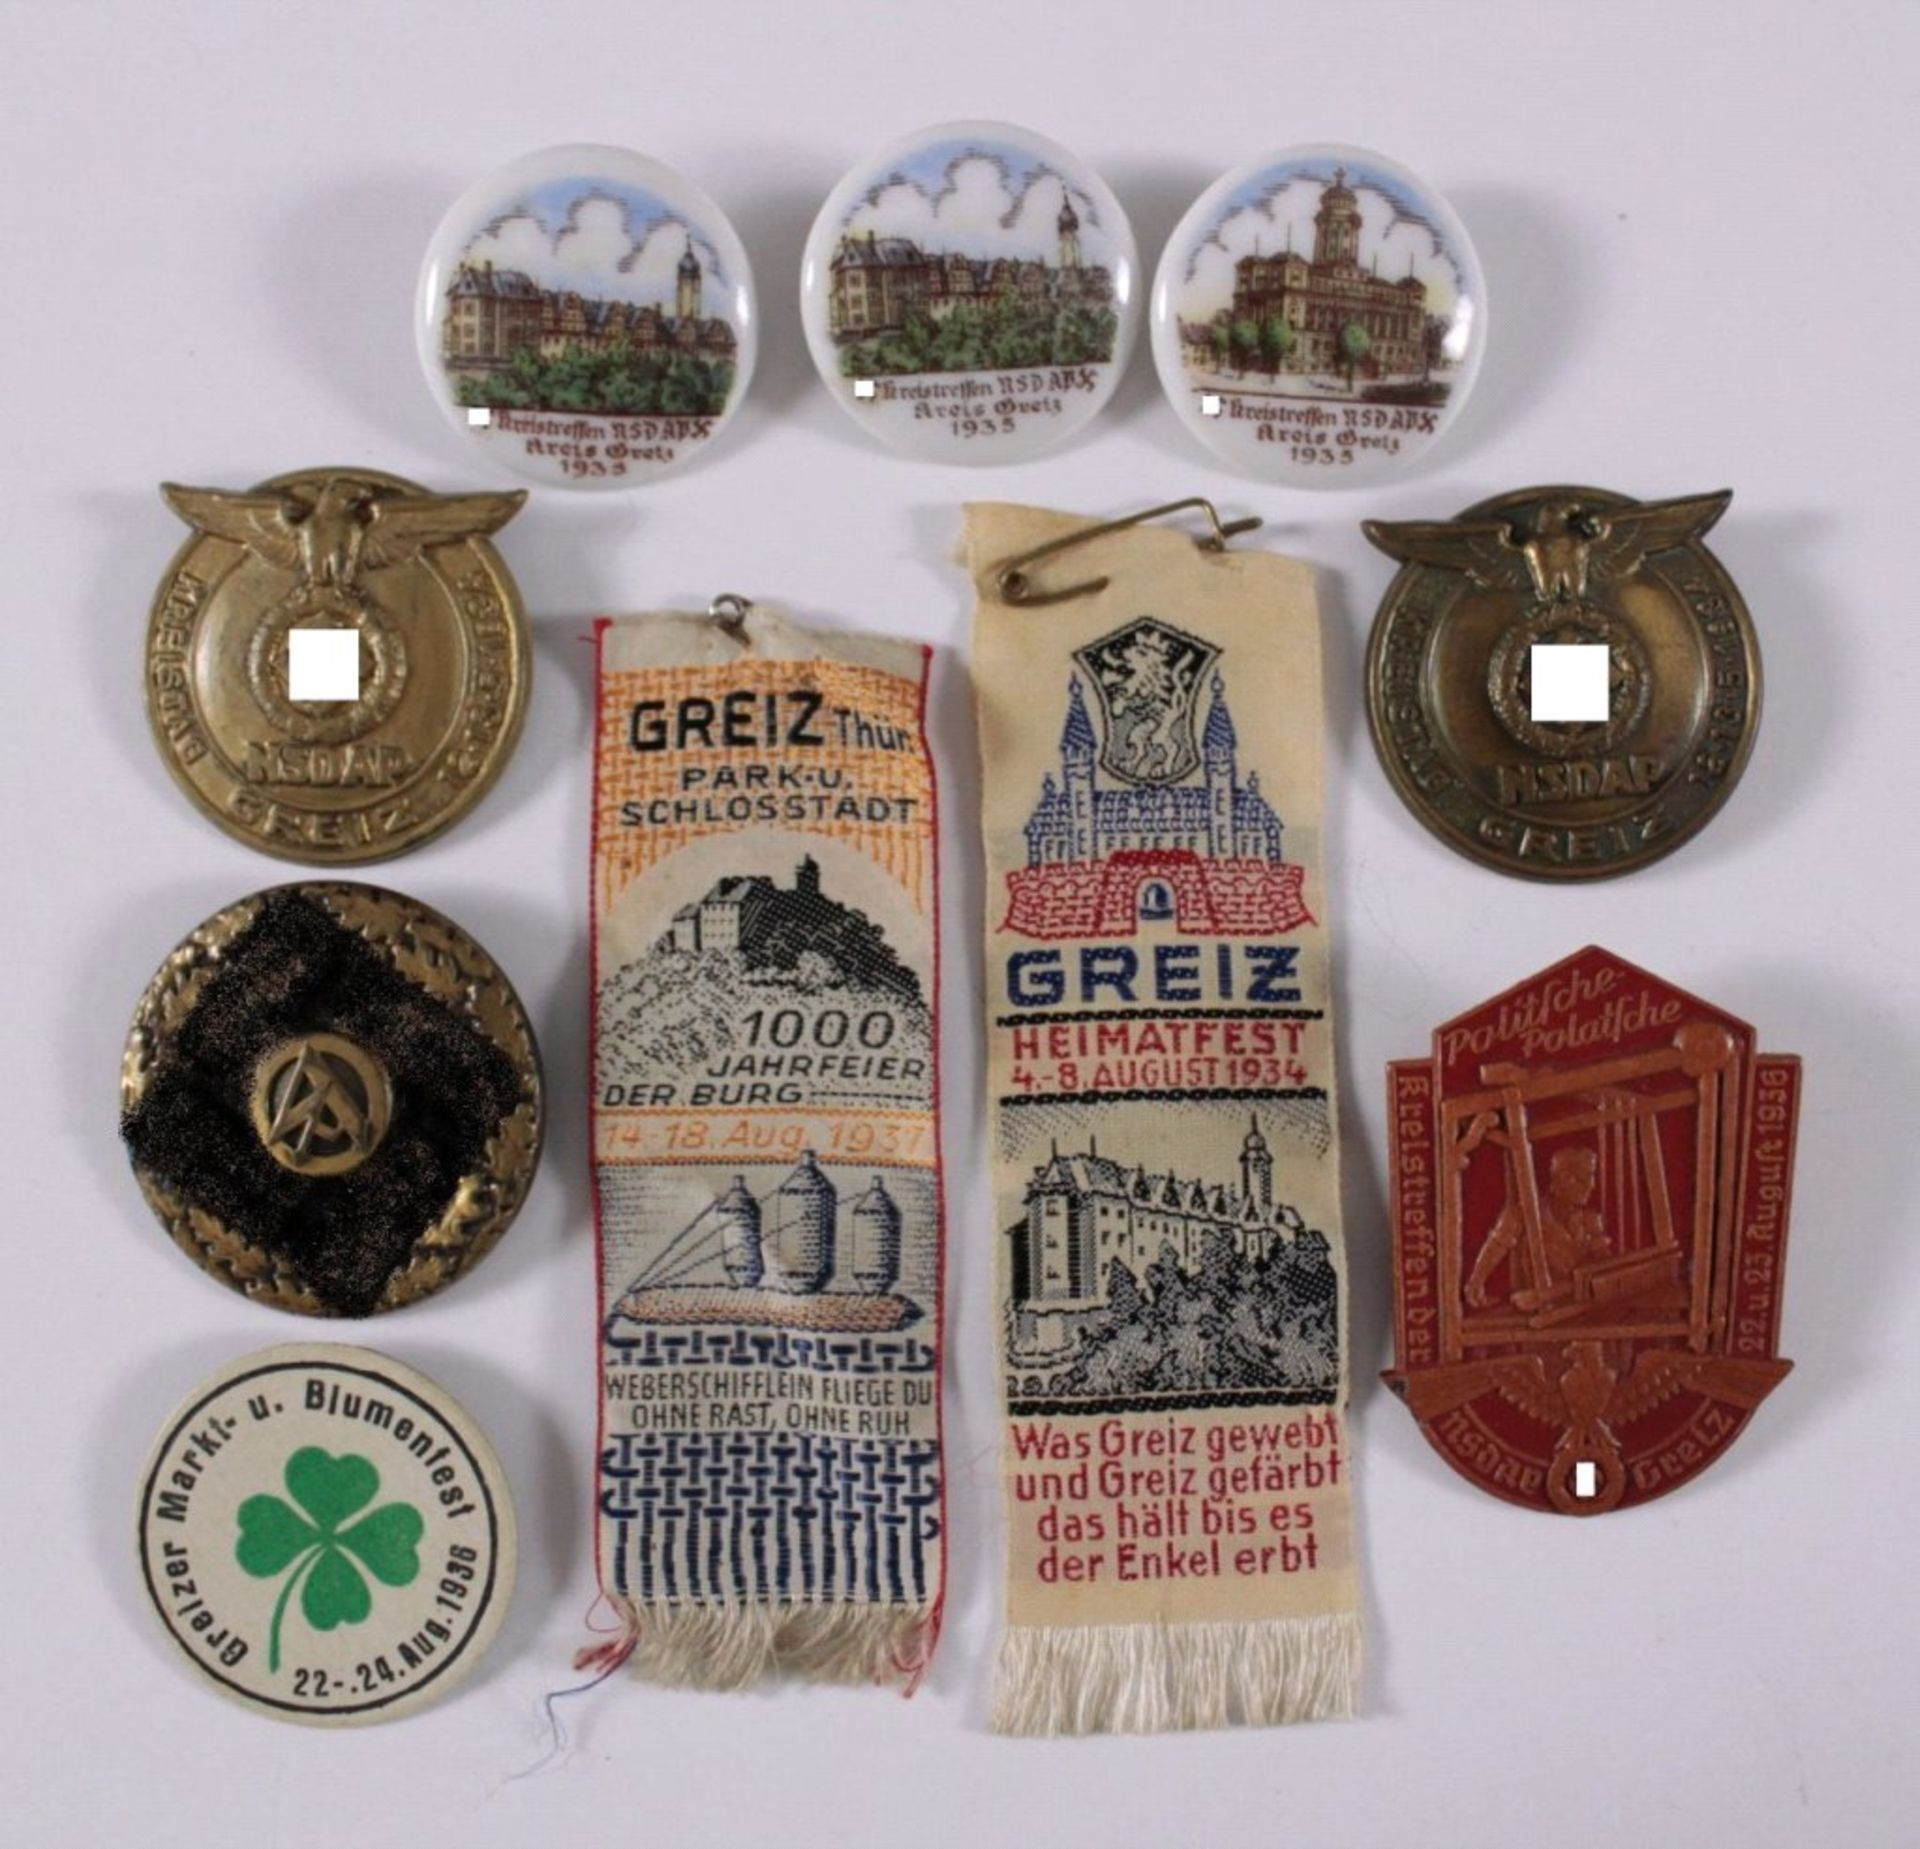 Tagungs- und Veranstaltungsabzeichen Greiz10 Stück von 1934-1937. Seidenbänder-, Leder-, Porzellan-